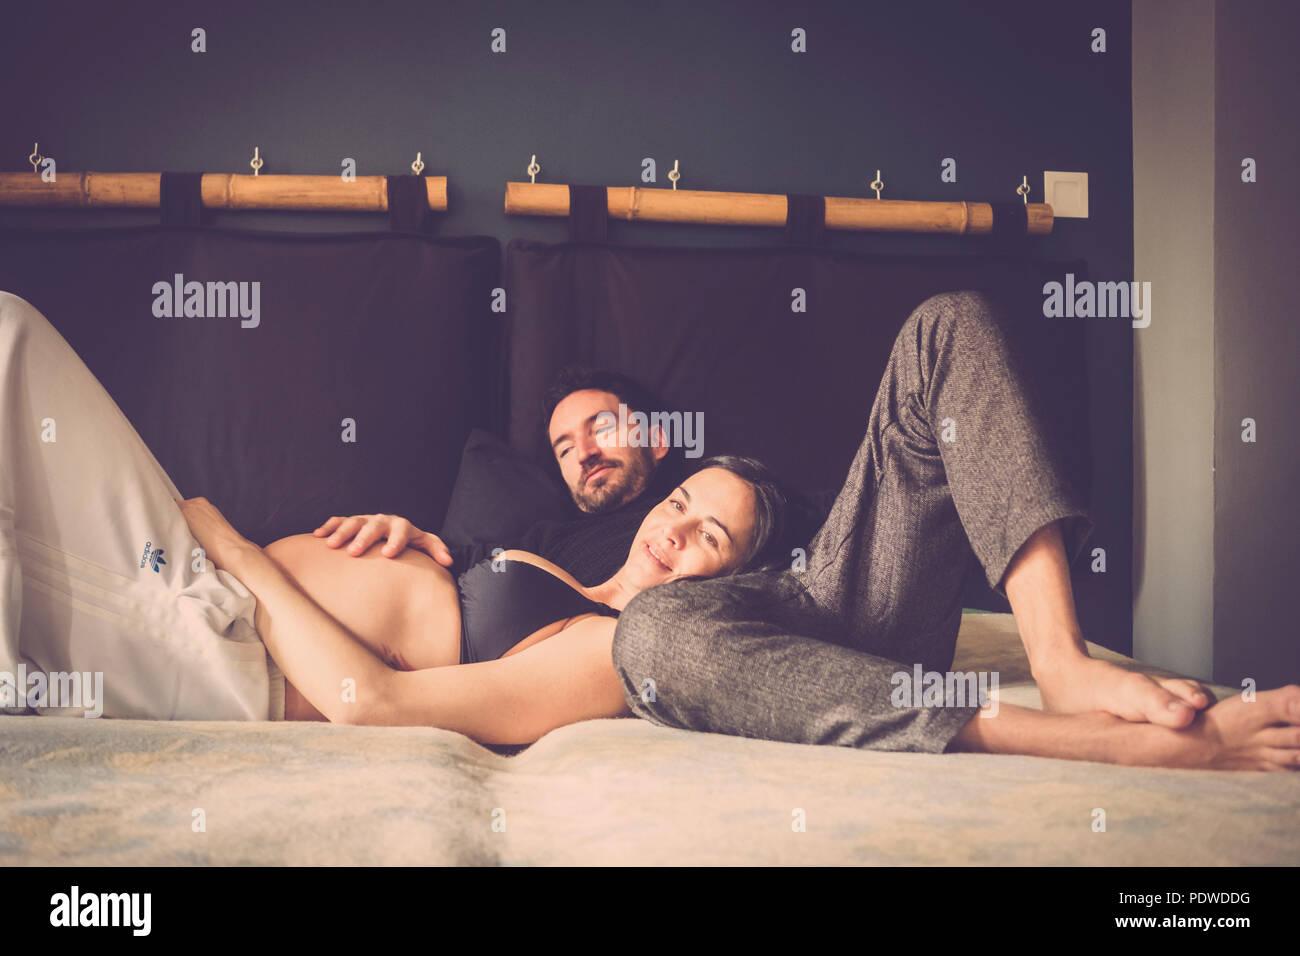 Relation avec les hommes et les femmes à la maison avec la lumière intérieure fenêtre. elle enceinte Photo Stock